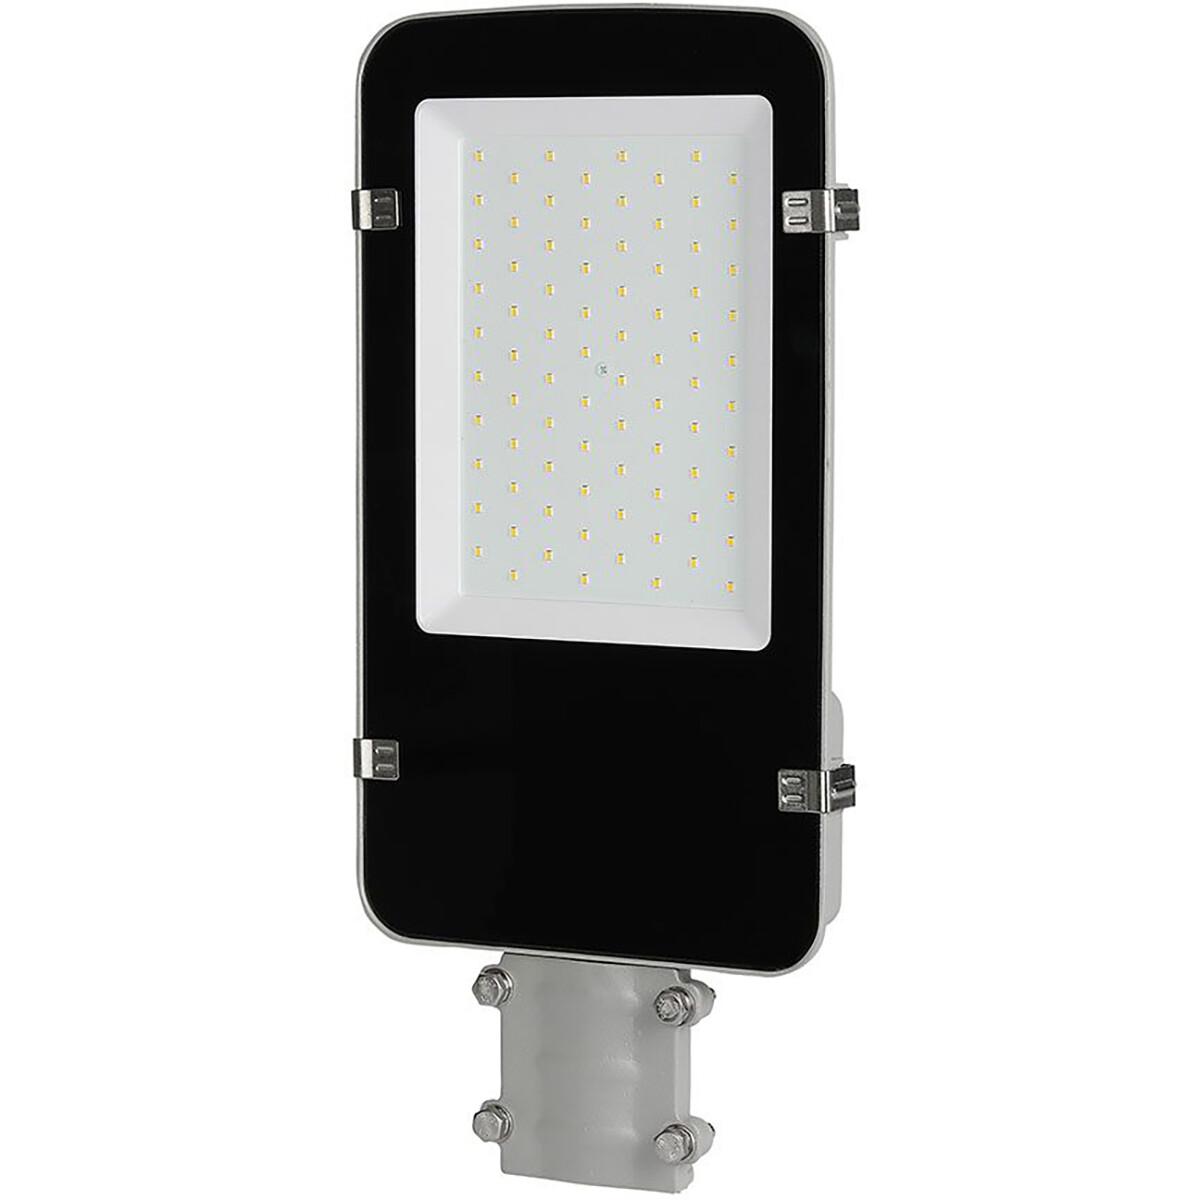 SAMSUNG - LED Straatlamp - Viron Anno - 50W - Helder/Koud Wit 6400K - Waterdicht IP65 - Mat Zwart -